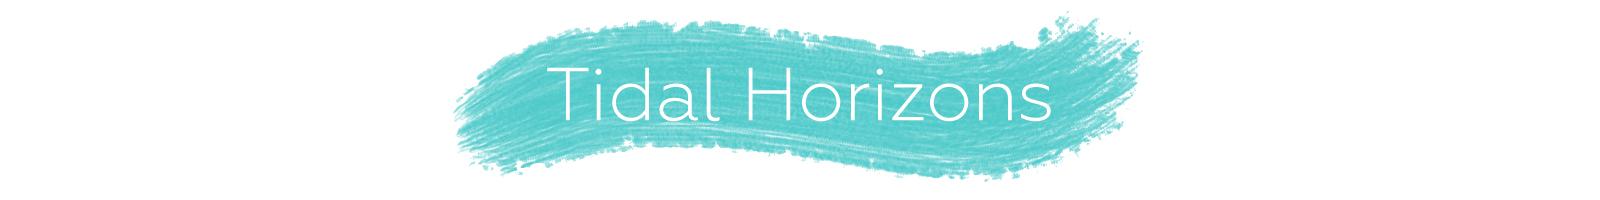 Tidal Horizons